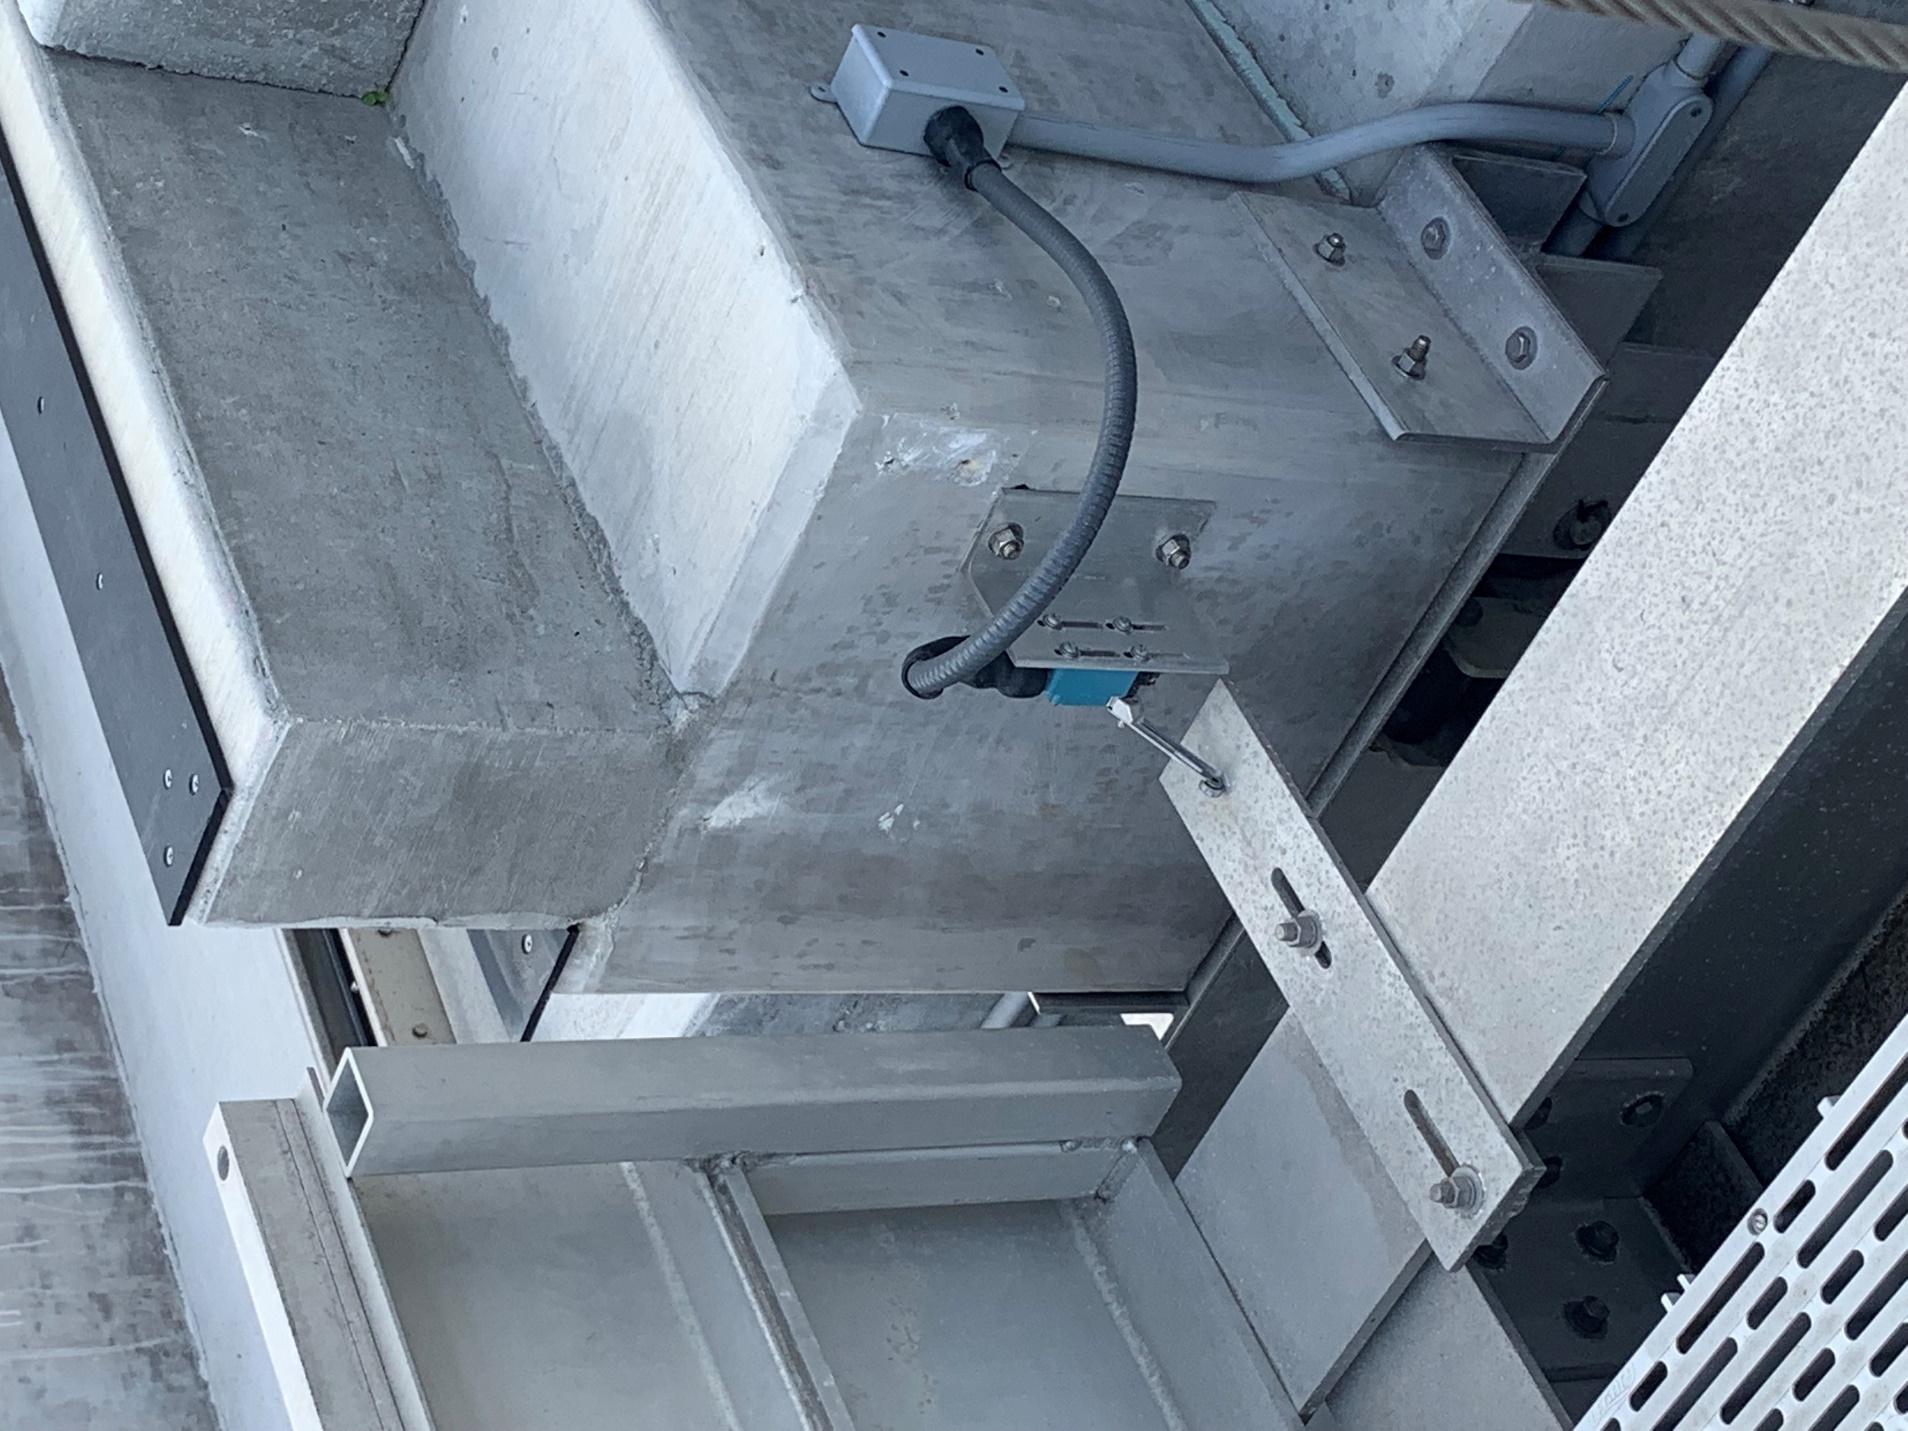 Lift Cradle Rails Imm Quality Boat Lifts